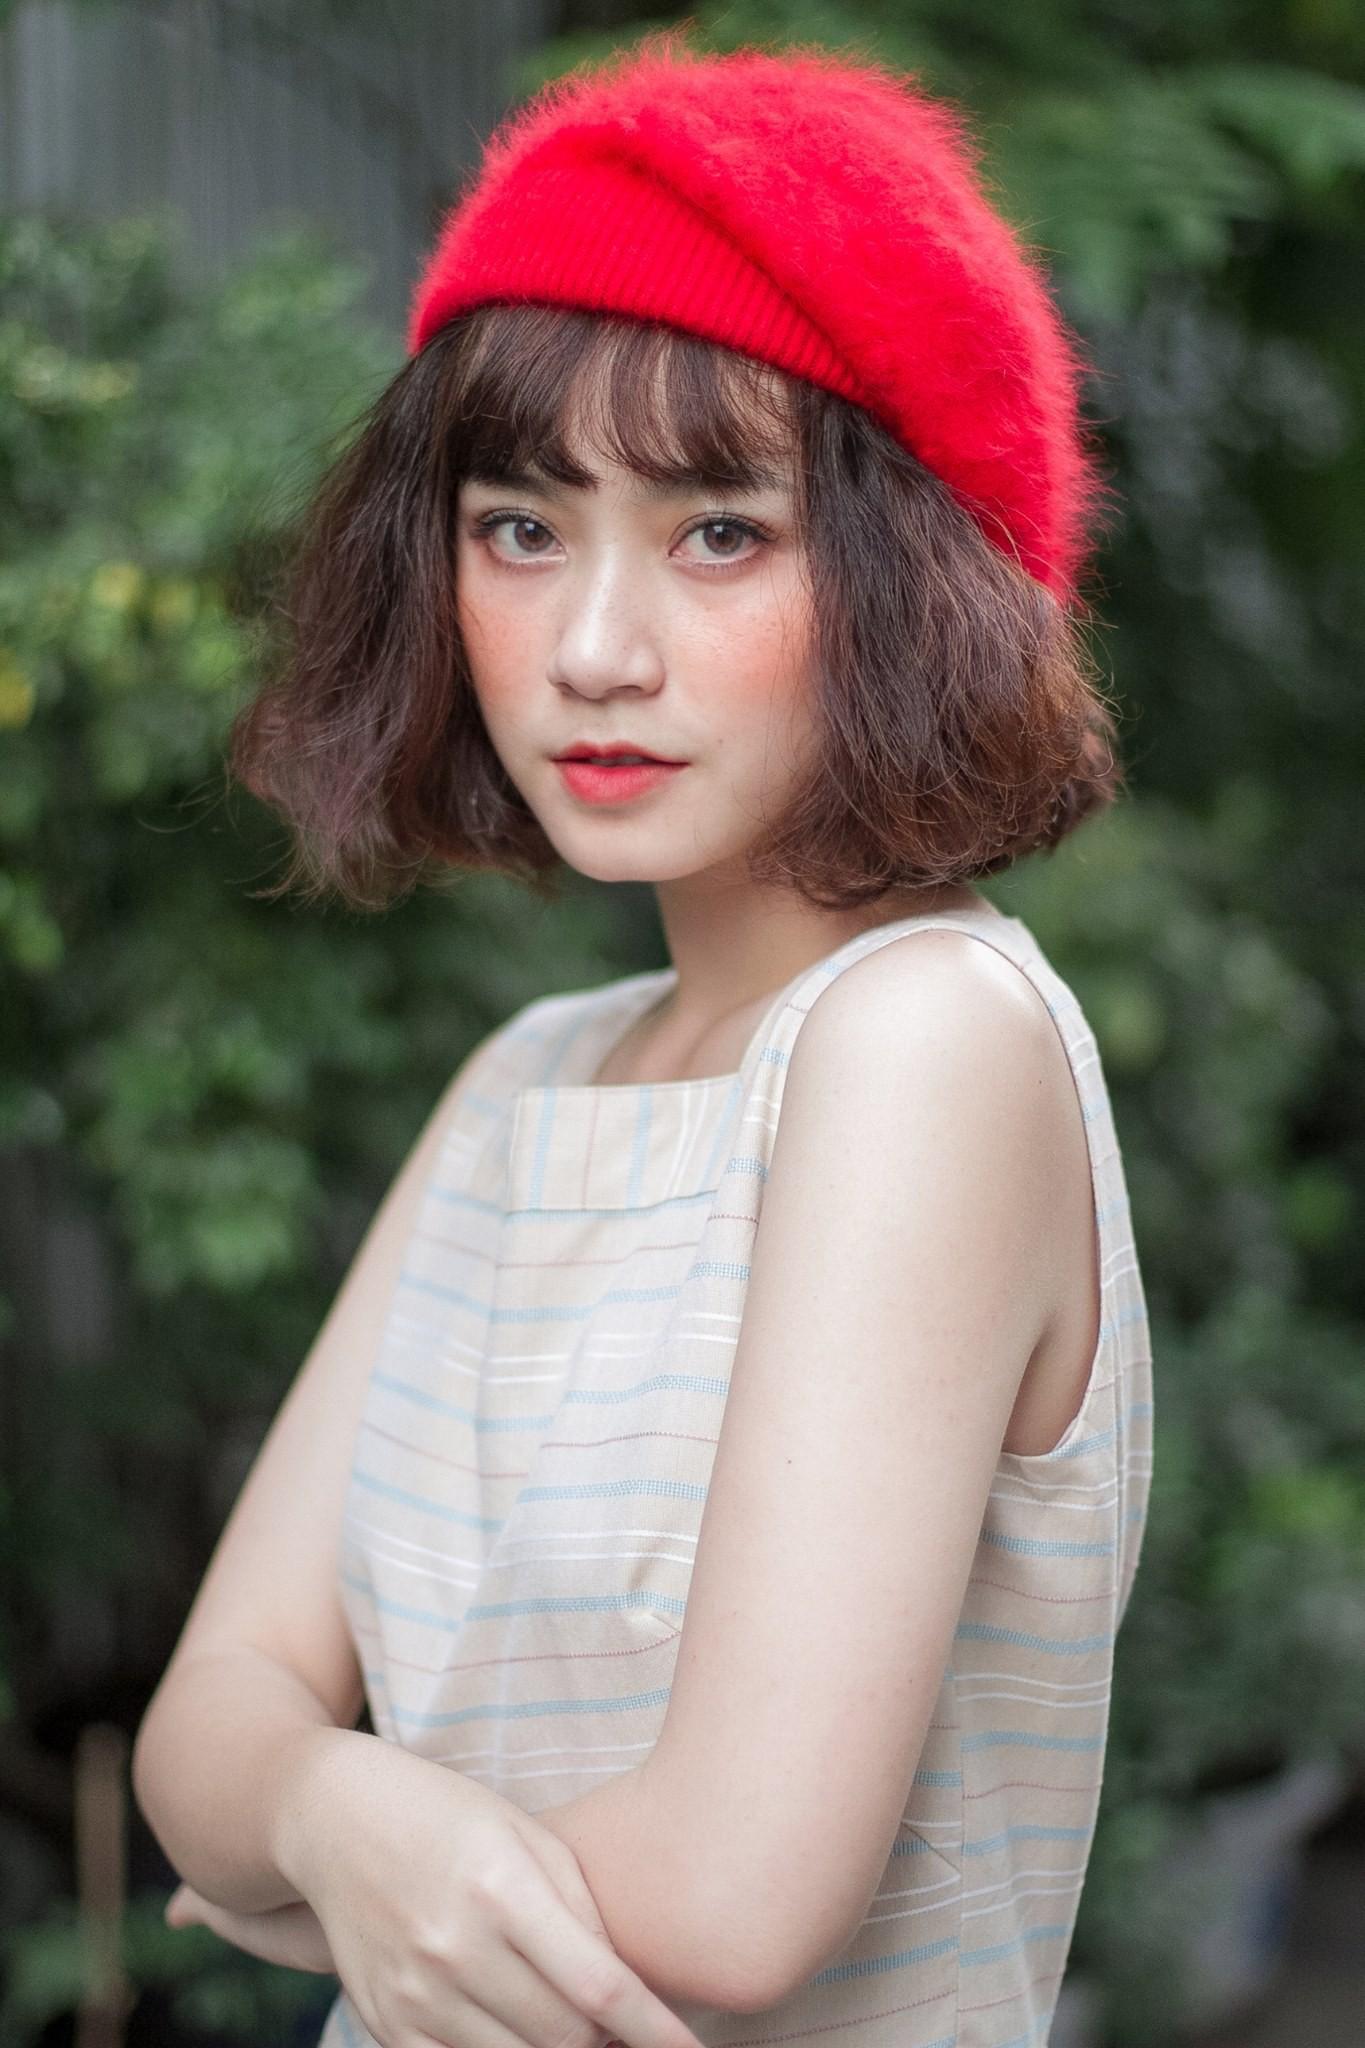 Sau chuyện tình 2 ngày với chàng trai Vì yêu mà đến, Trang Ly tiếp tục xuất hiện trong show hẹn hò mới - Ảnh 6.